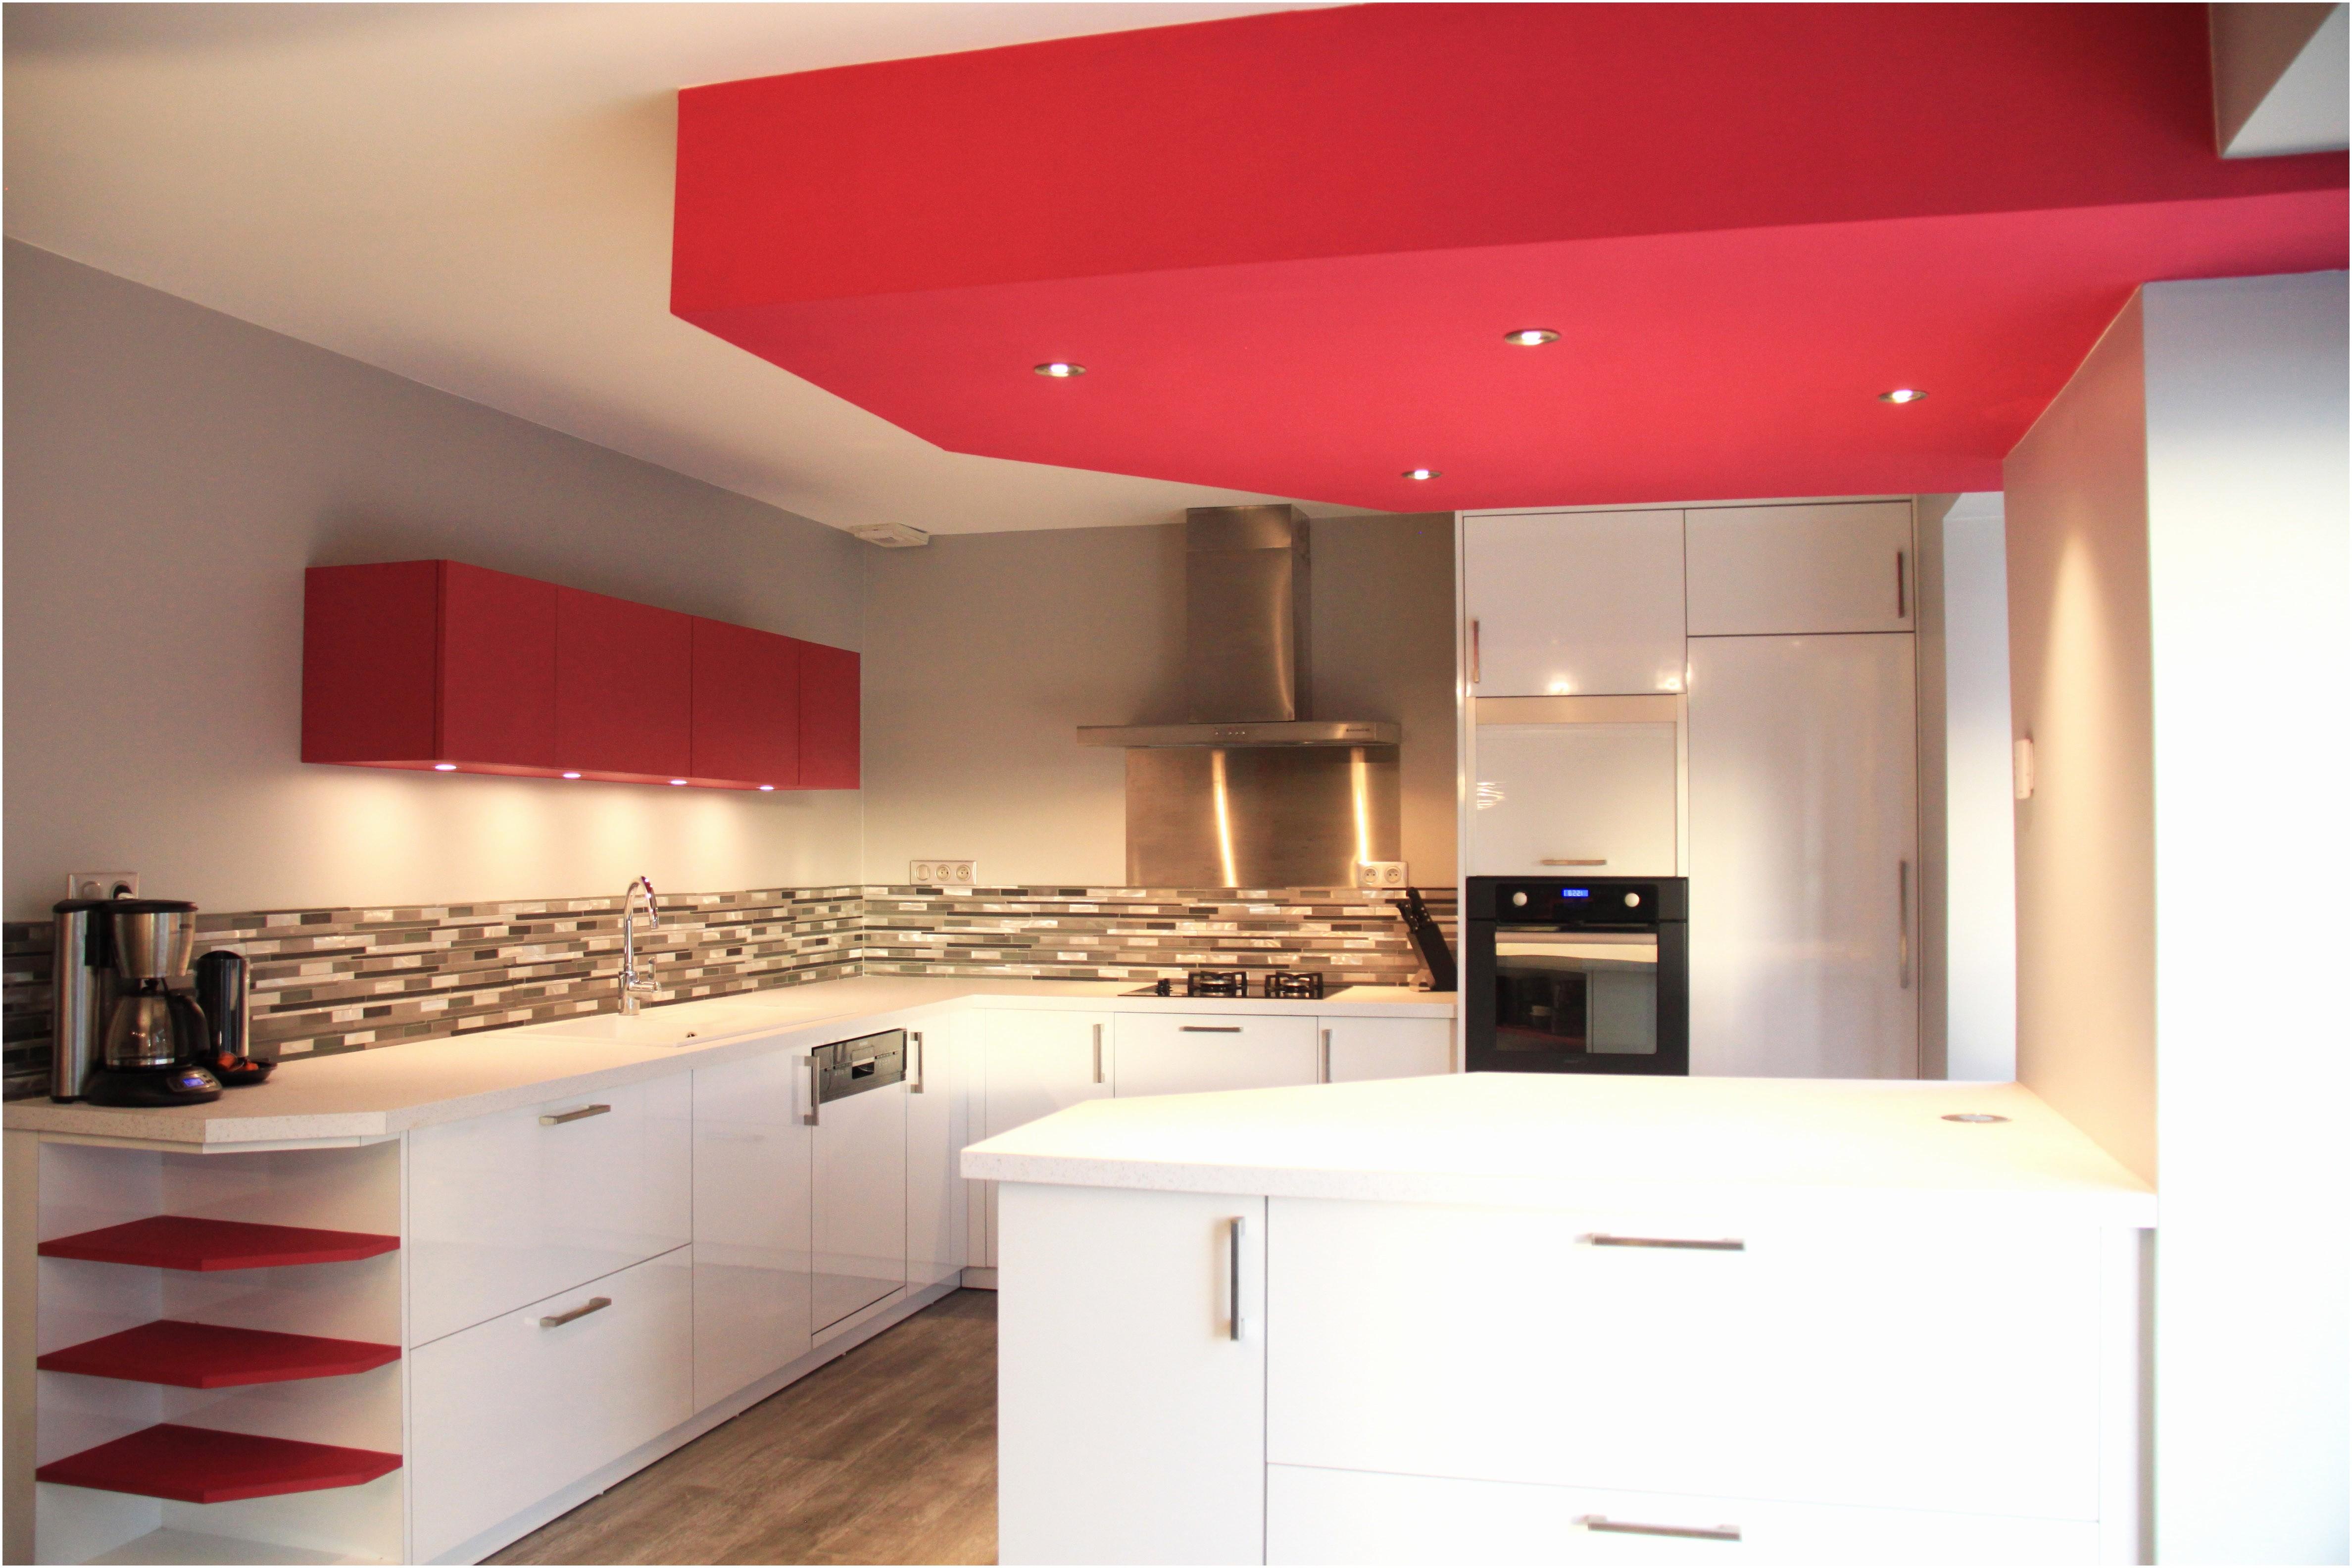 Faux Plafond Cuisine Design Frais Images Plafond Suspendu Cuisine